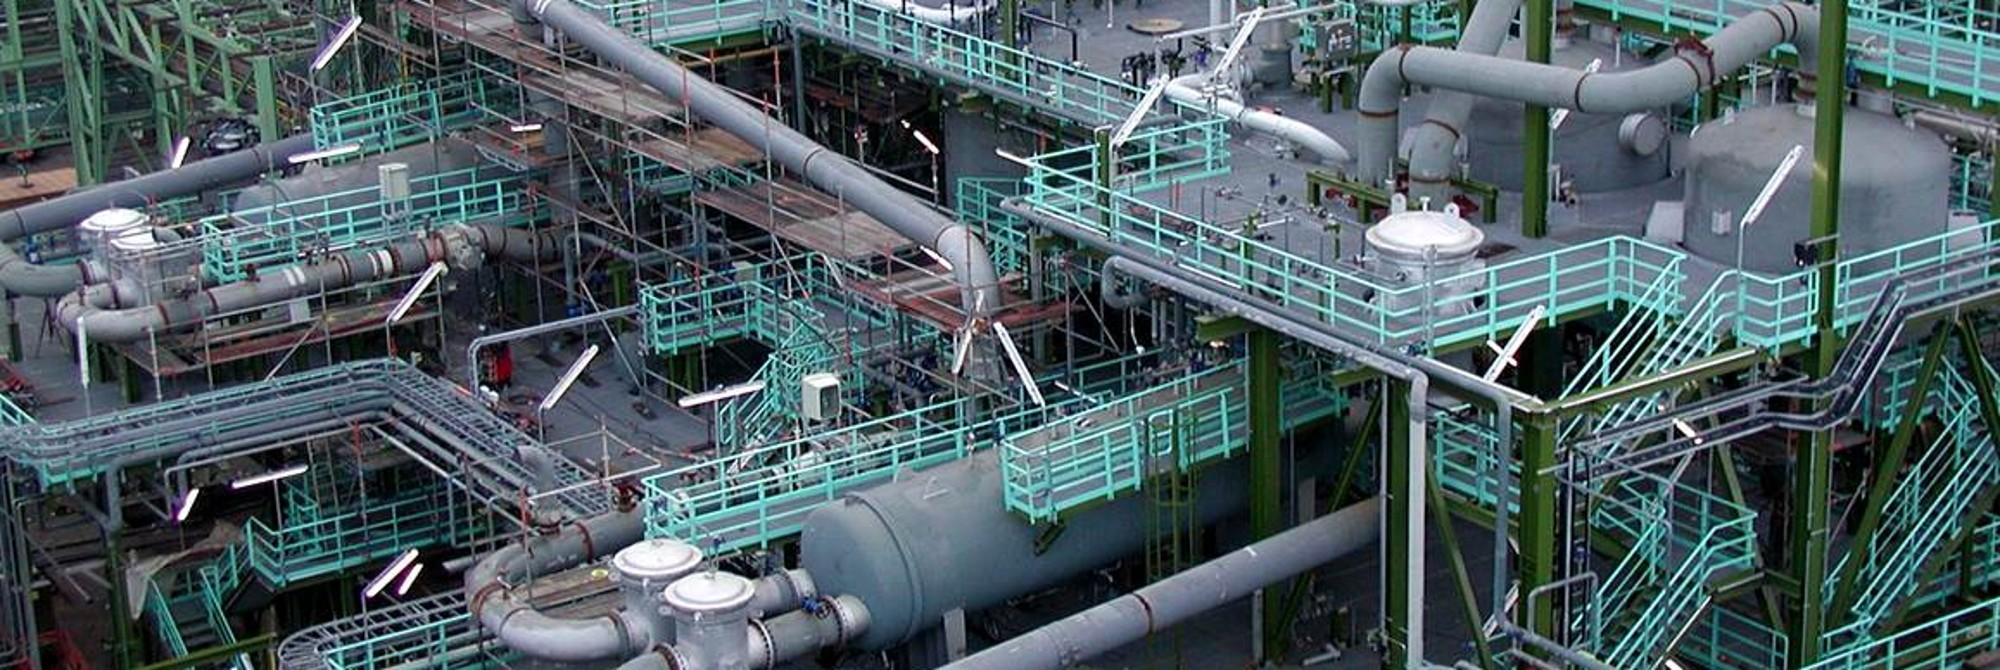 Efficient, low-emission sulfuric acid plants